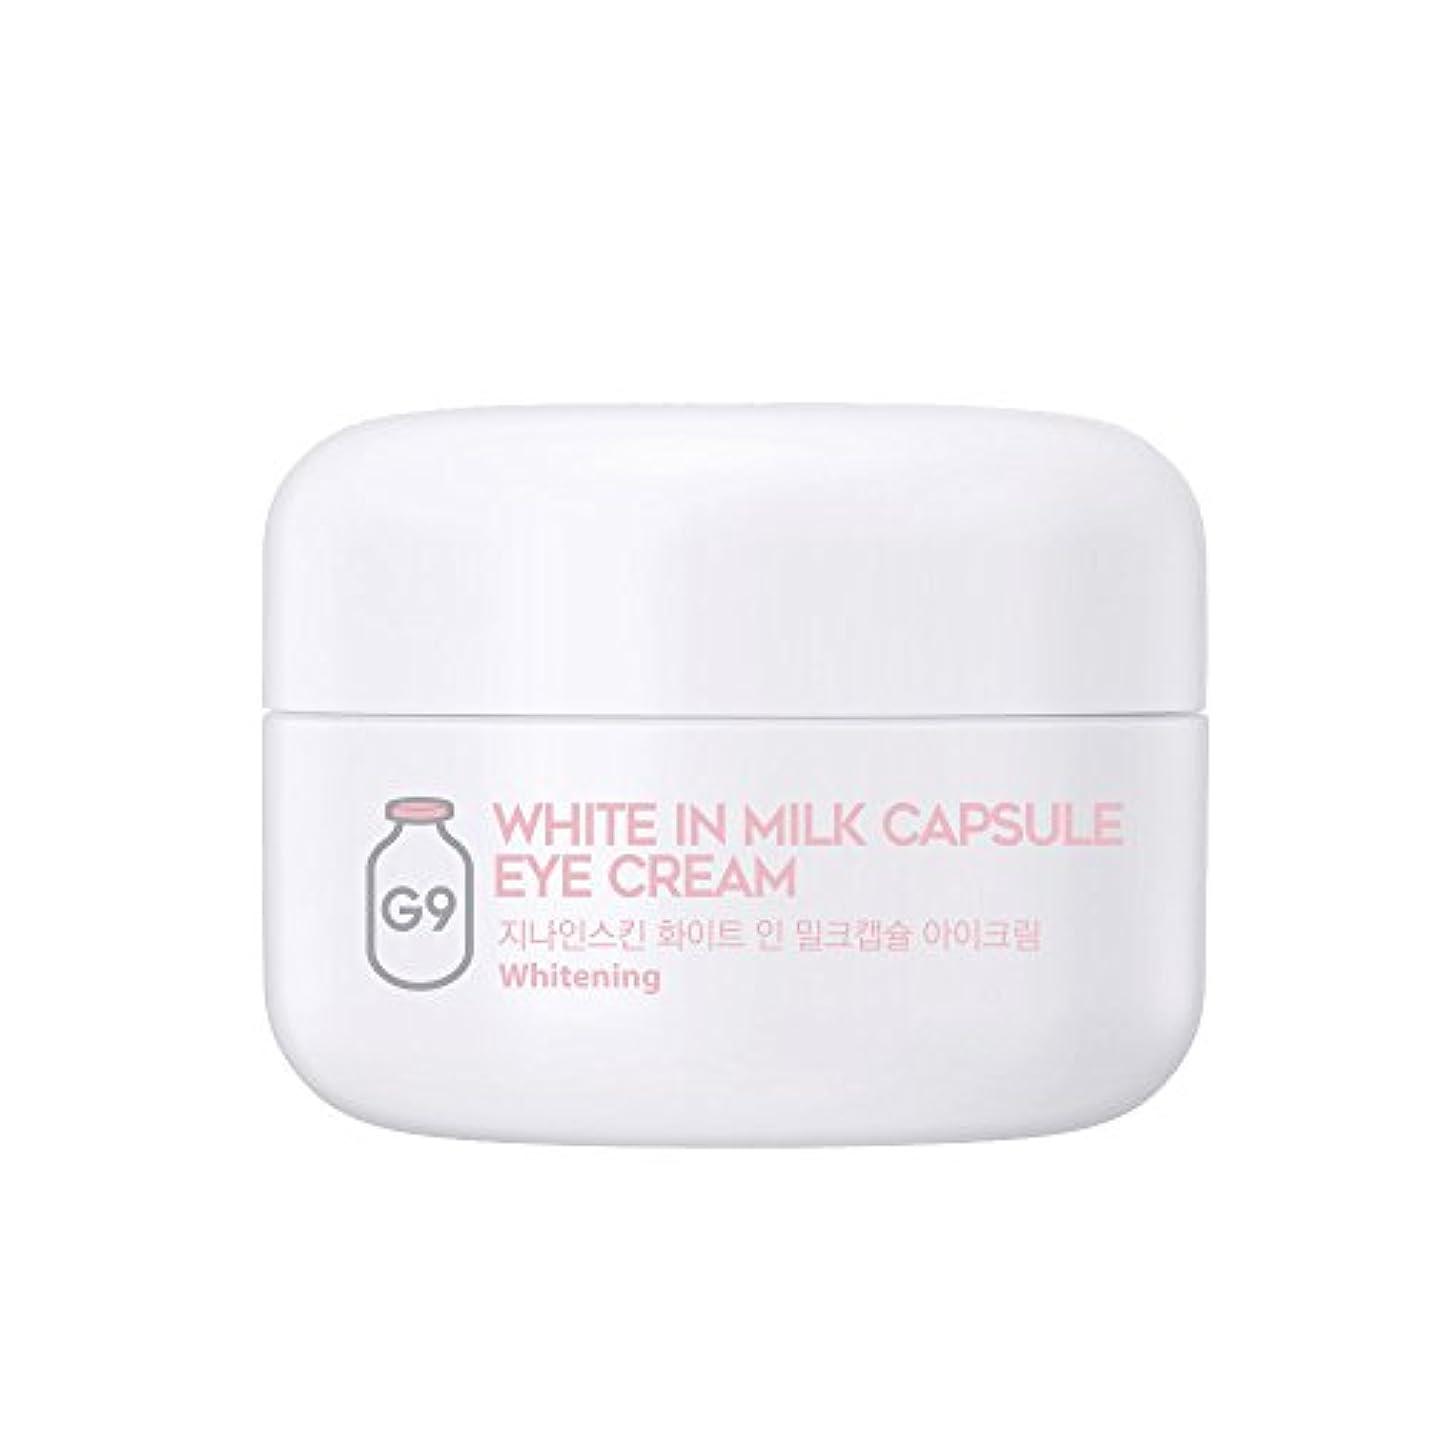 センブランス簡単に囲まれたG9SKIN(ベリサム) White In Milk Capsule Eye Cream ホワイトインミルクカプセルアイクリーム 30g